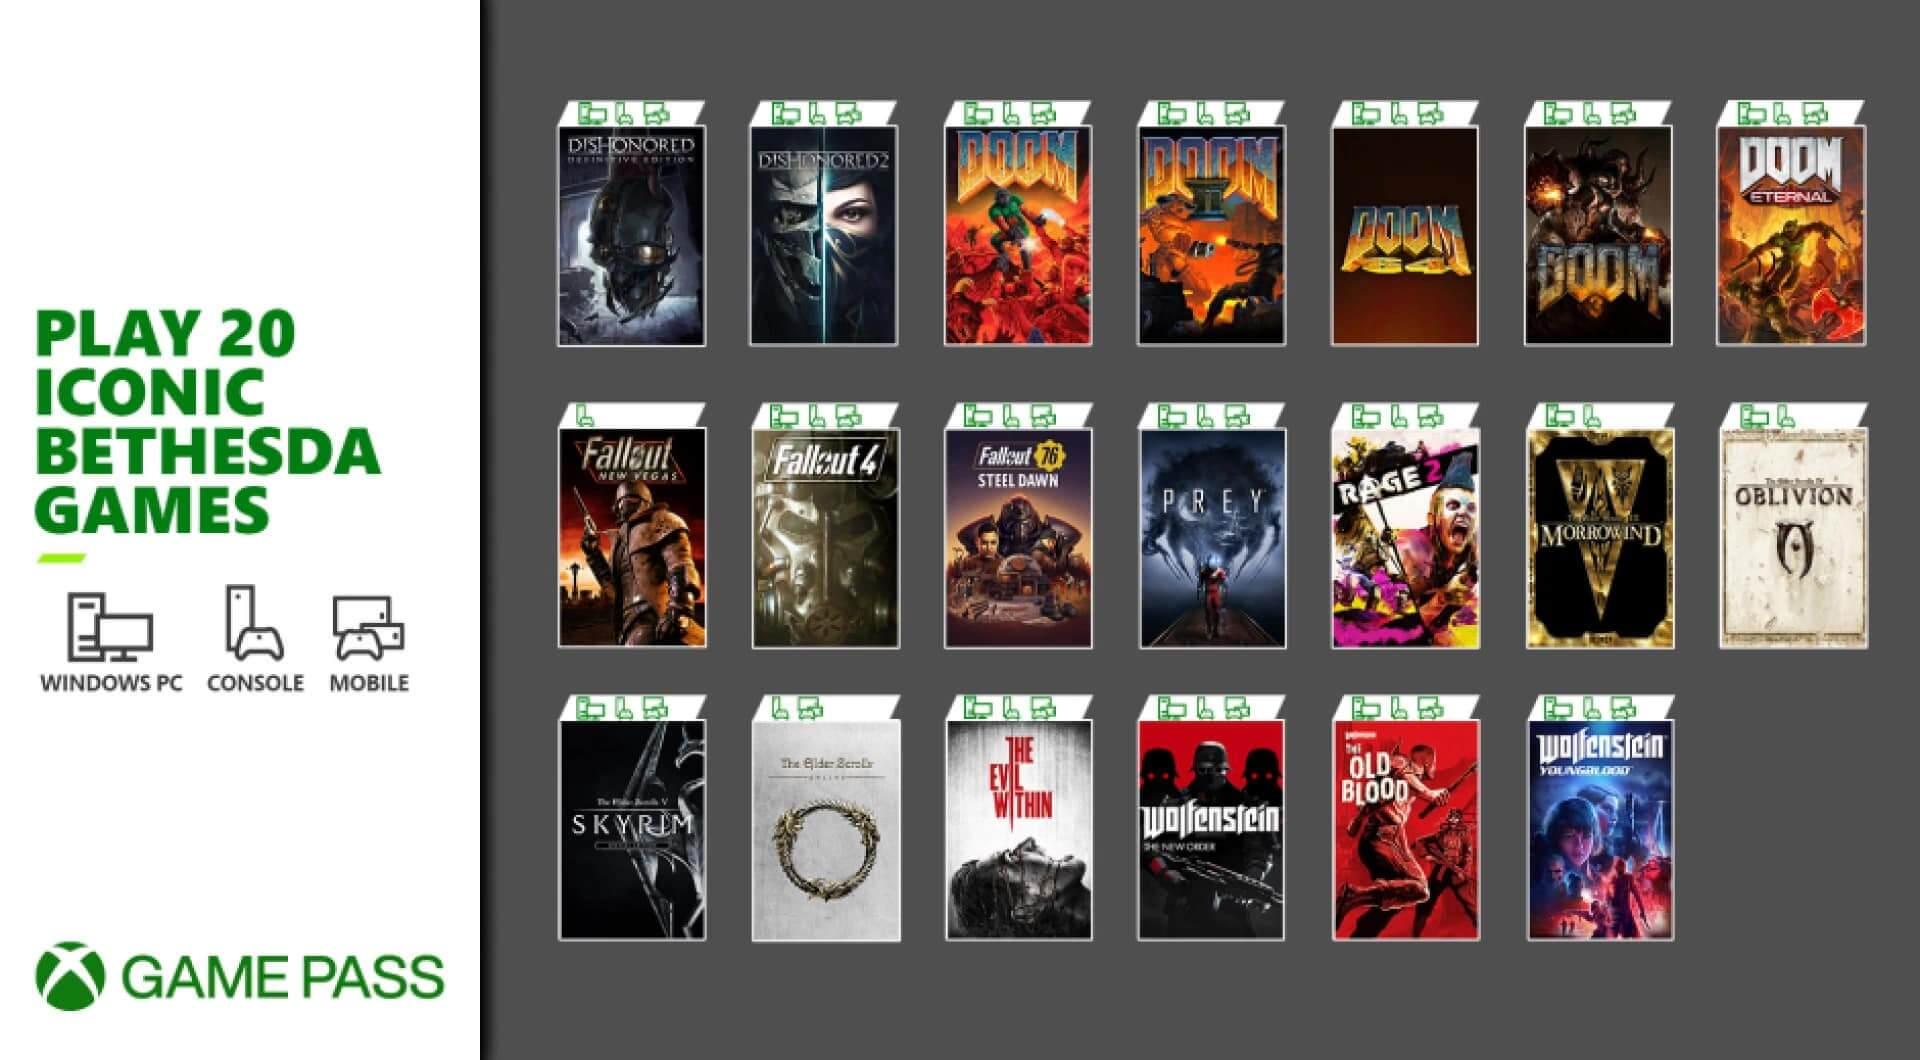 Αυτά είναι τα παιχνίδια της Bethesda που έρχονται στο XBOX Game Pass μετά την ολοκλήρωση της εξαγοράς!